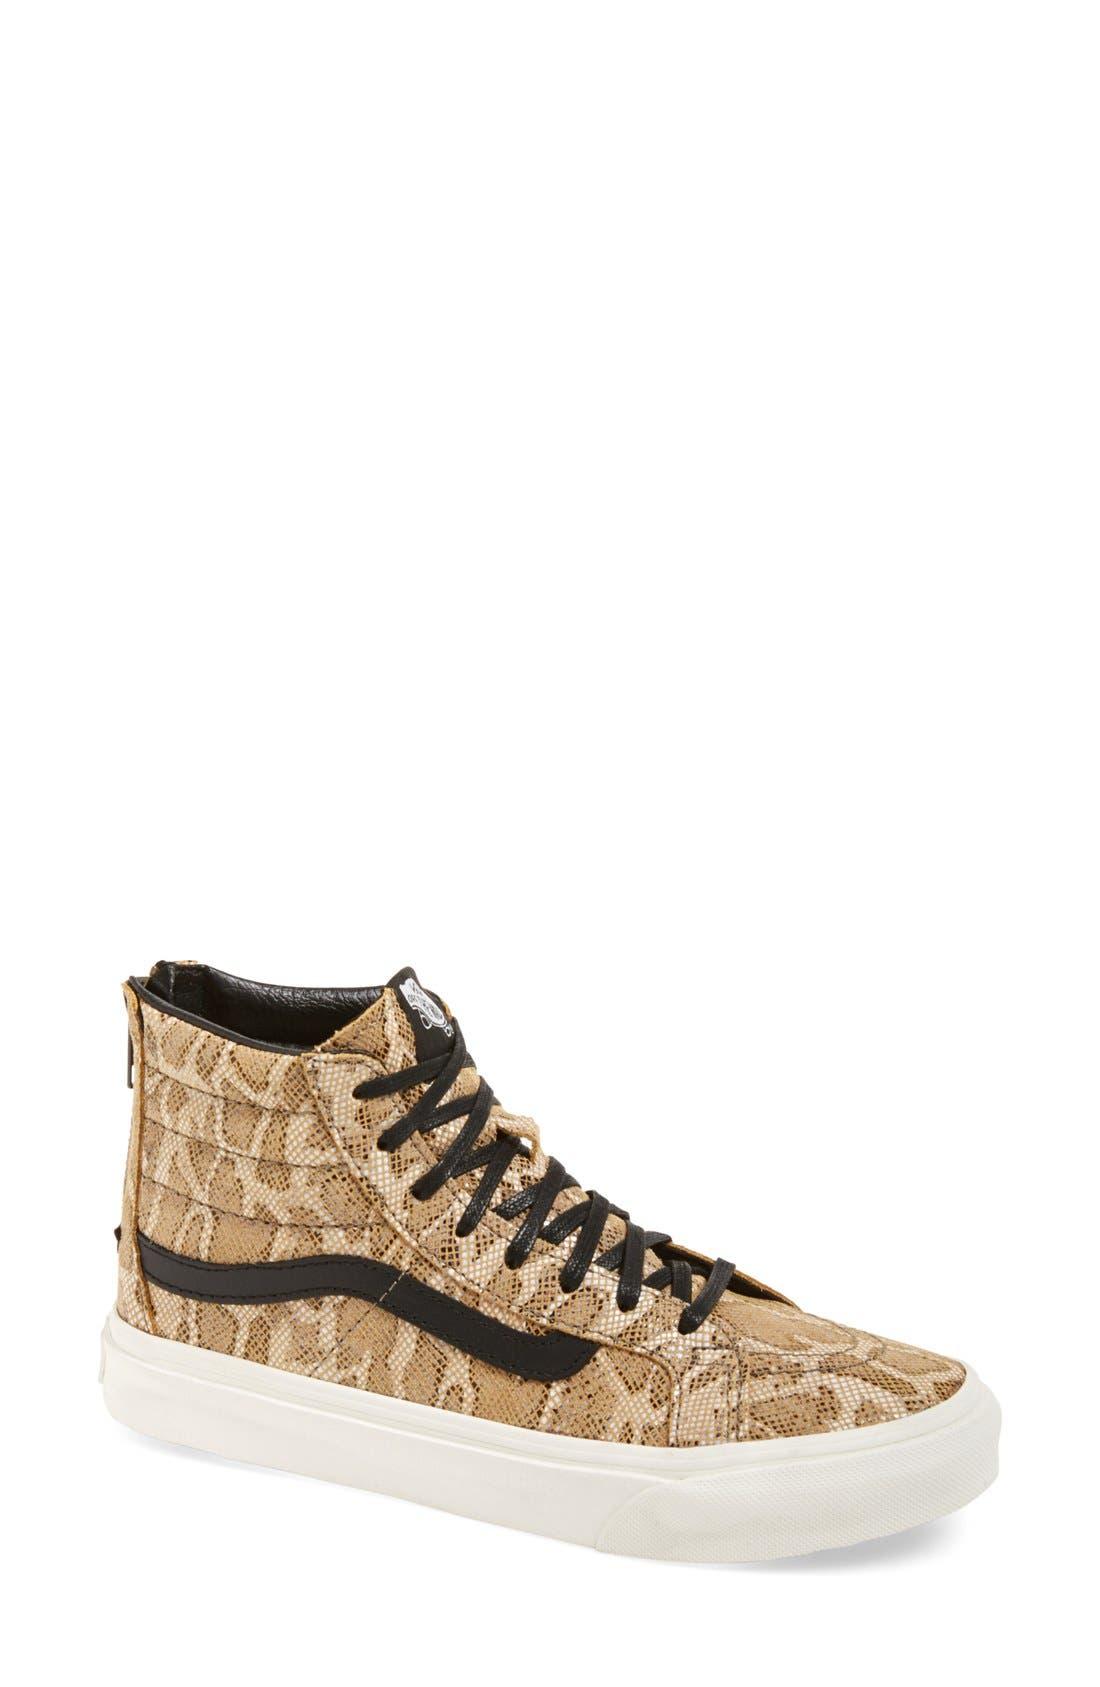 'Sk8-Hi' Zip Sneaker,                             Main thumbnail 1, color,                             200